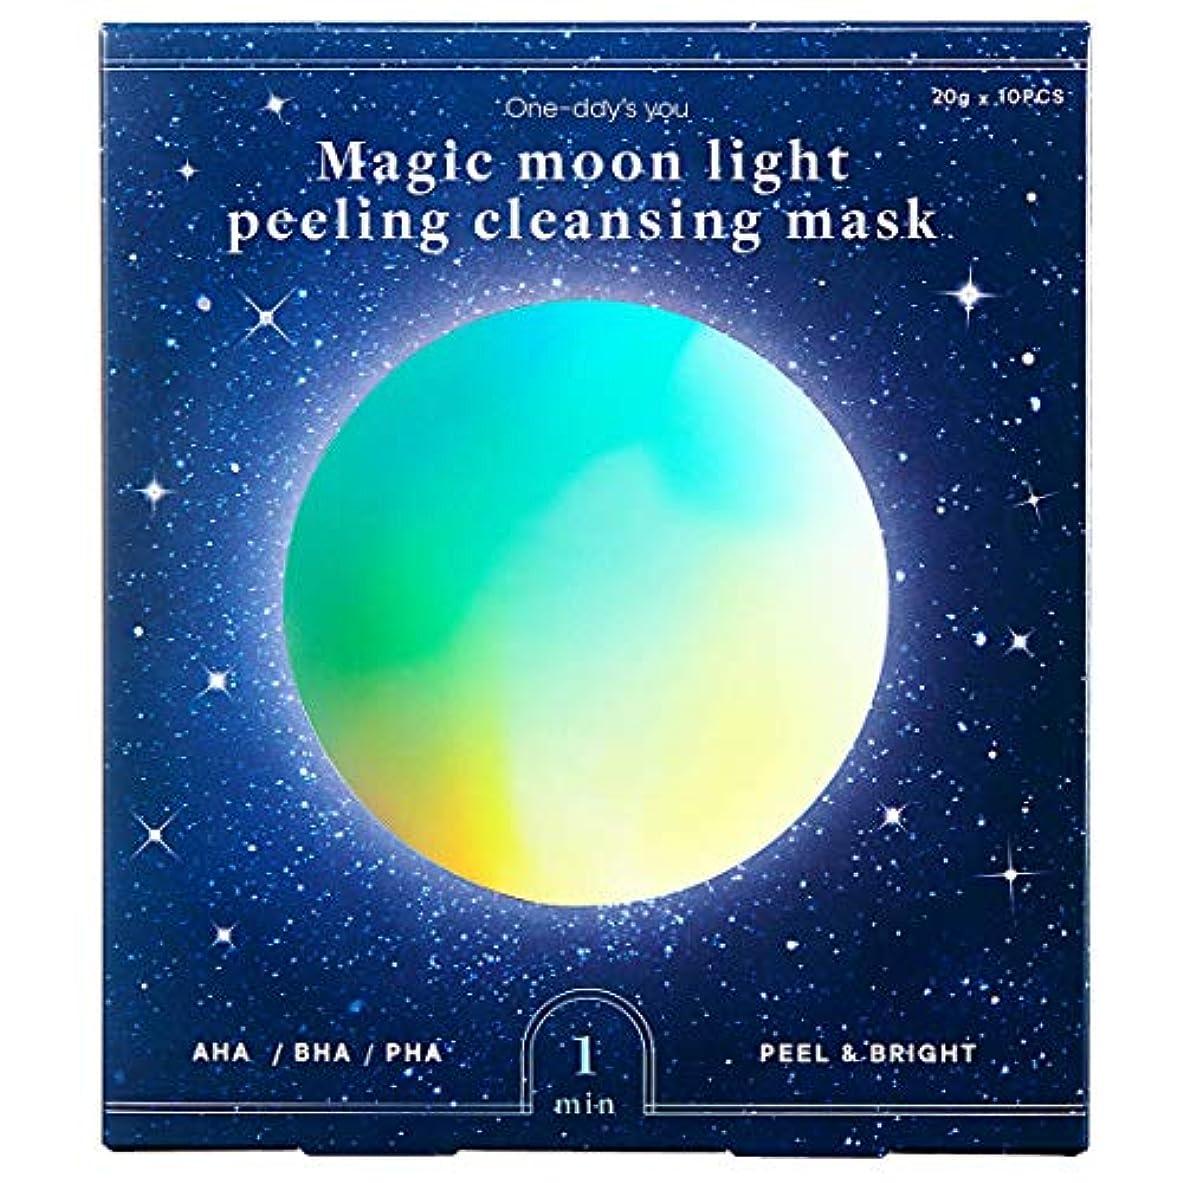 公平ちっちゃい感情One day's you [ワンデイズユー ] マジック ムーンライト ピーリング クレンジング マスク/Magic Moonlight Peeling Cleansing Mask (20g*10ea) [並行輸入品]